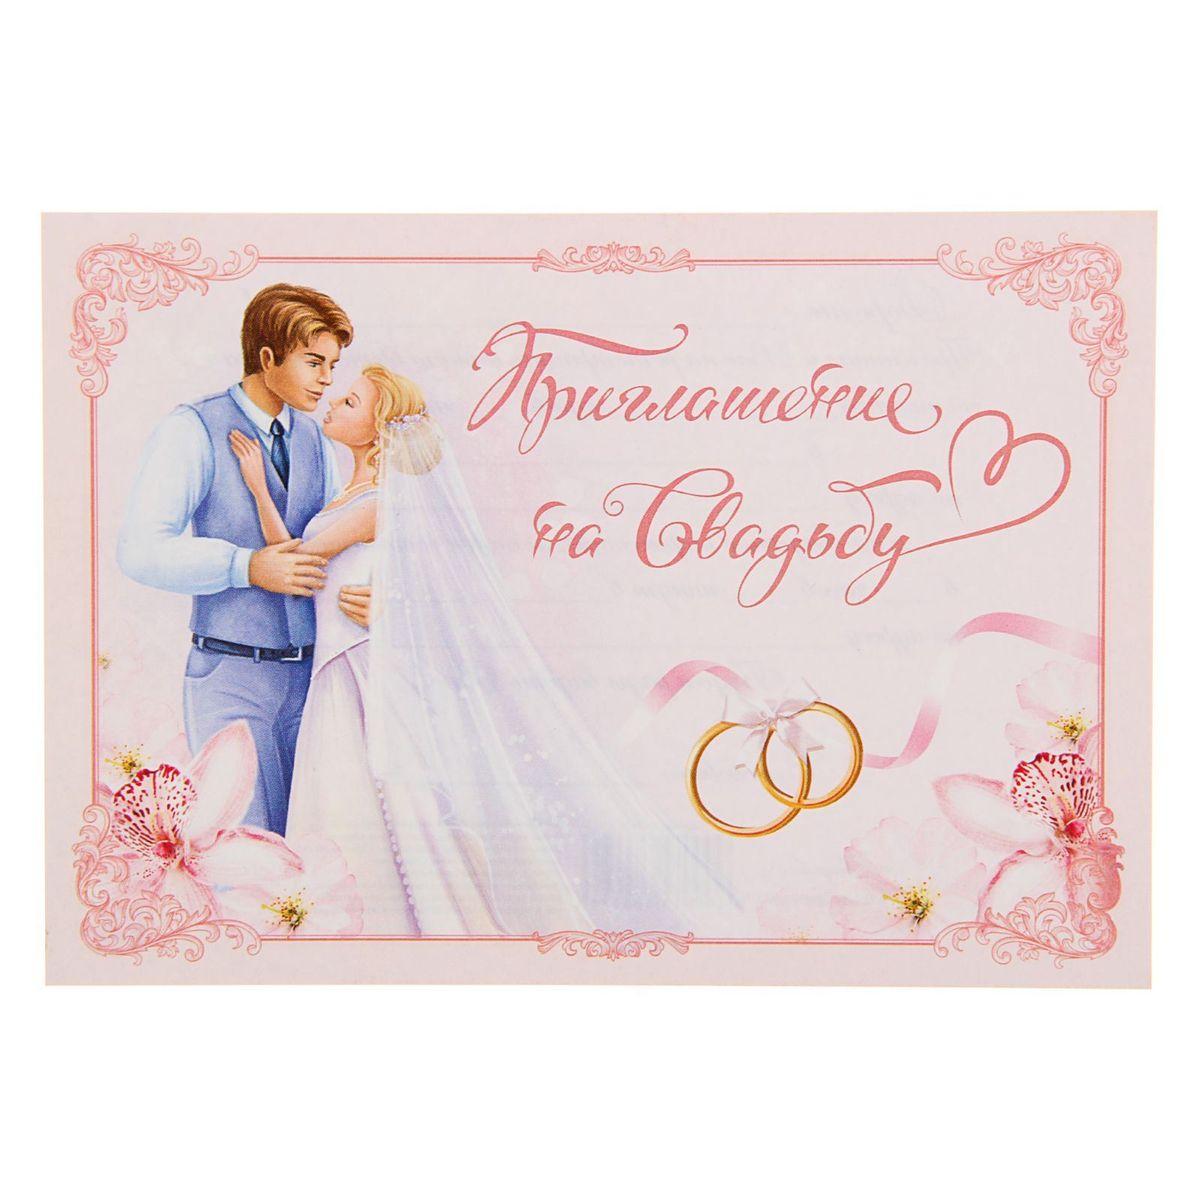 Приглашение на свадьбу Sima-land Молодожены, 10,5 х 15 см1338639Когда дата и время бракосочетания уже известны, и вы определились со списком гостей, необходимо оповестить их о предстоящем празднике. Существует традиция делать персональные приглашения с указанием времени и даты мероприятия. Но перед свадьбой столько всего надо успеть, что на изготовление десятков открыток просто не остается времени. В этом случае вам придет на помощь приглашение на свадьбу Sima-land Молодожены.На обратной стороне приглашения расположен текст со свободными полями для имени адресата, времени, даты и адреса проведения мероприятия. Вам остается только заполнить необходимые строки и раздать приглашения гостям. Устройте себе незабываемую свадьбу!